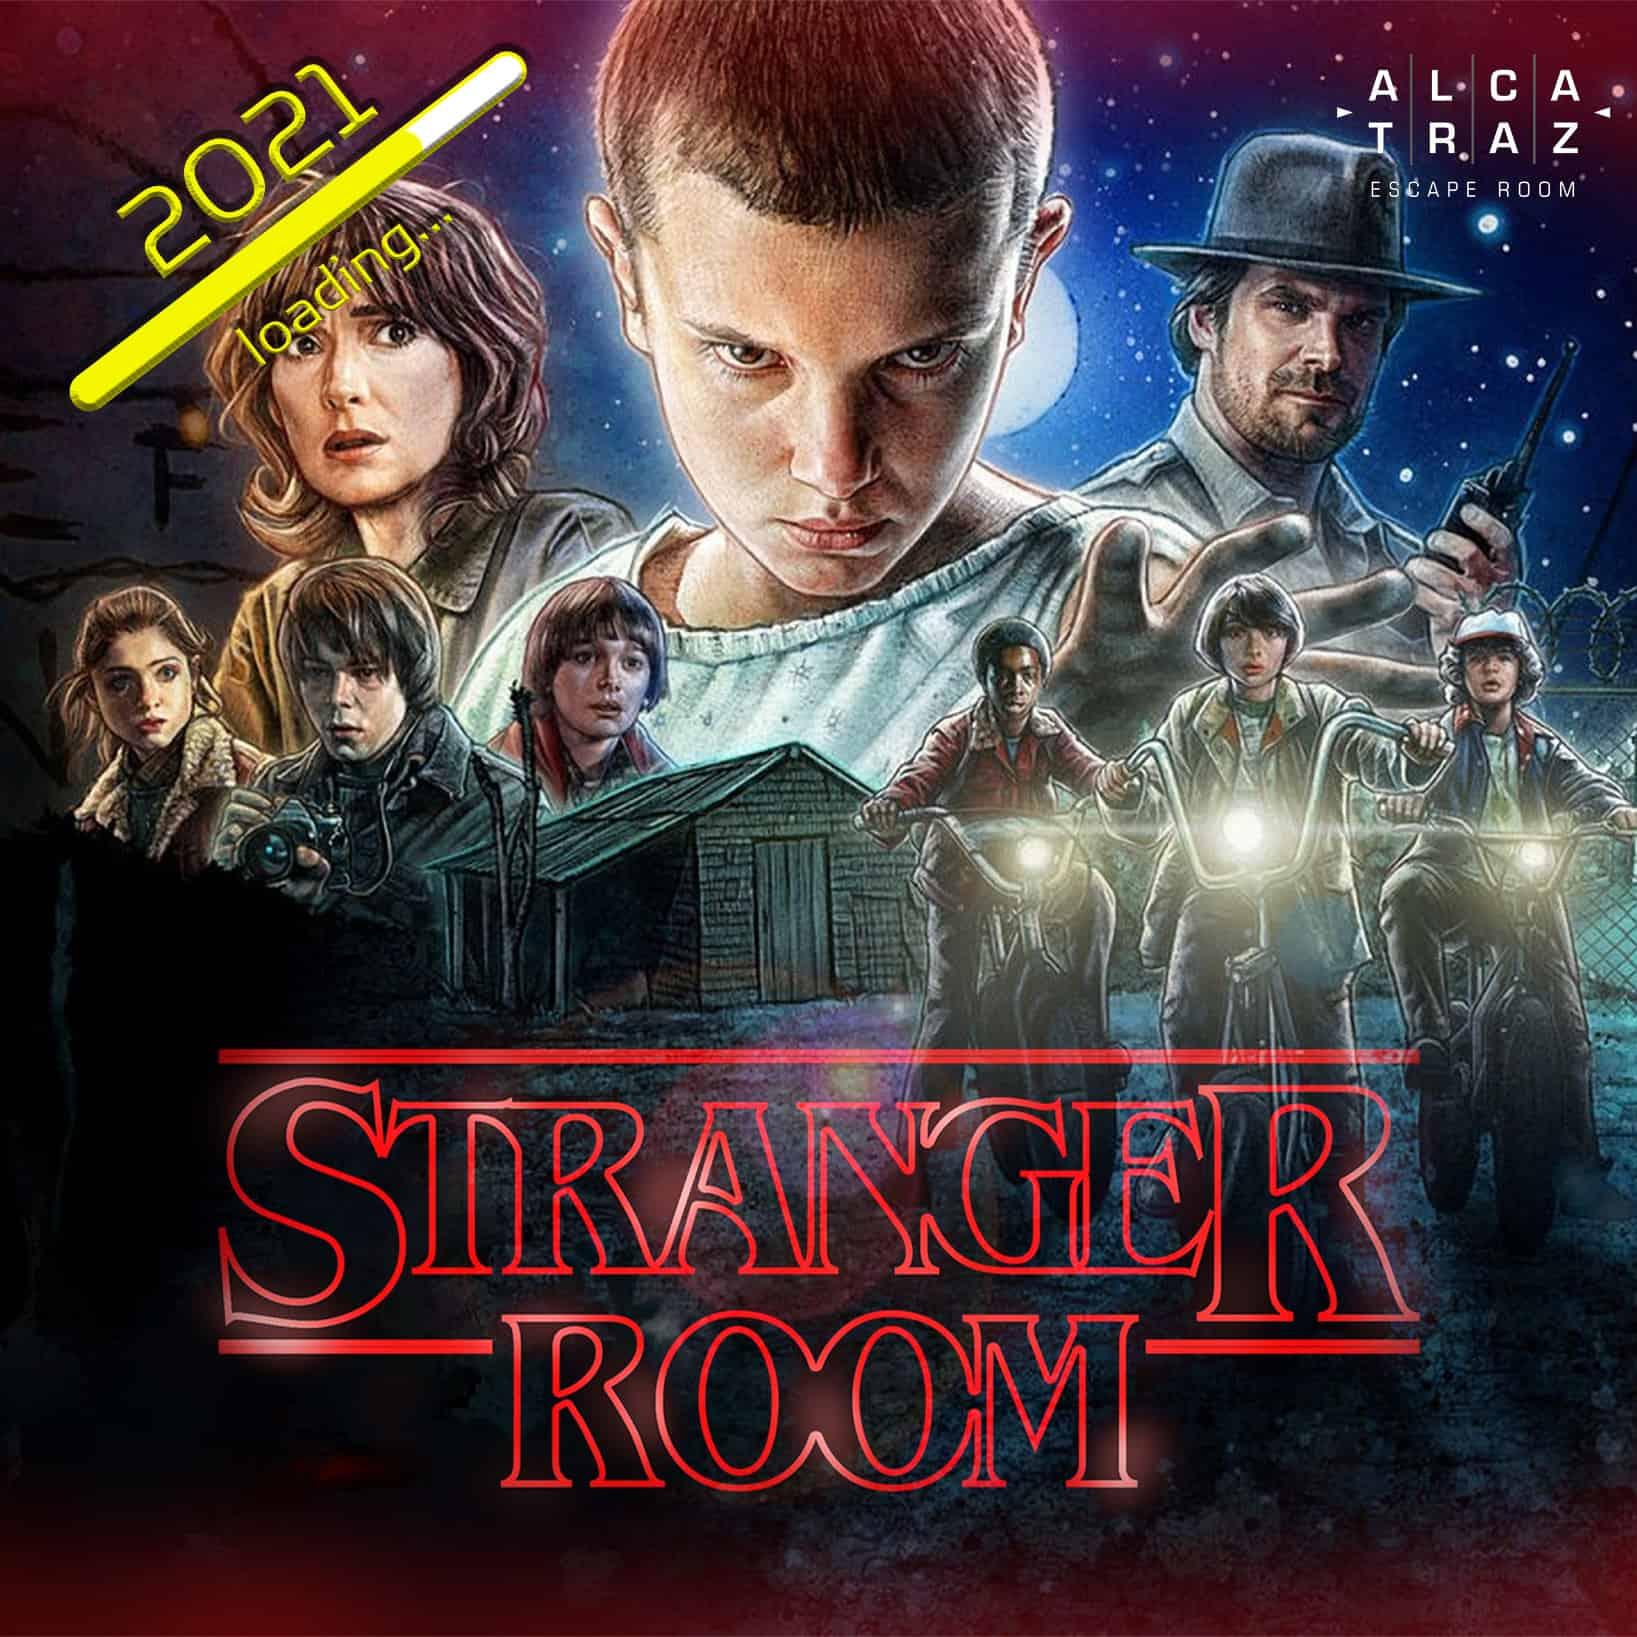 Escape Room Cagliari - Stranger room